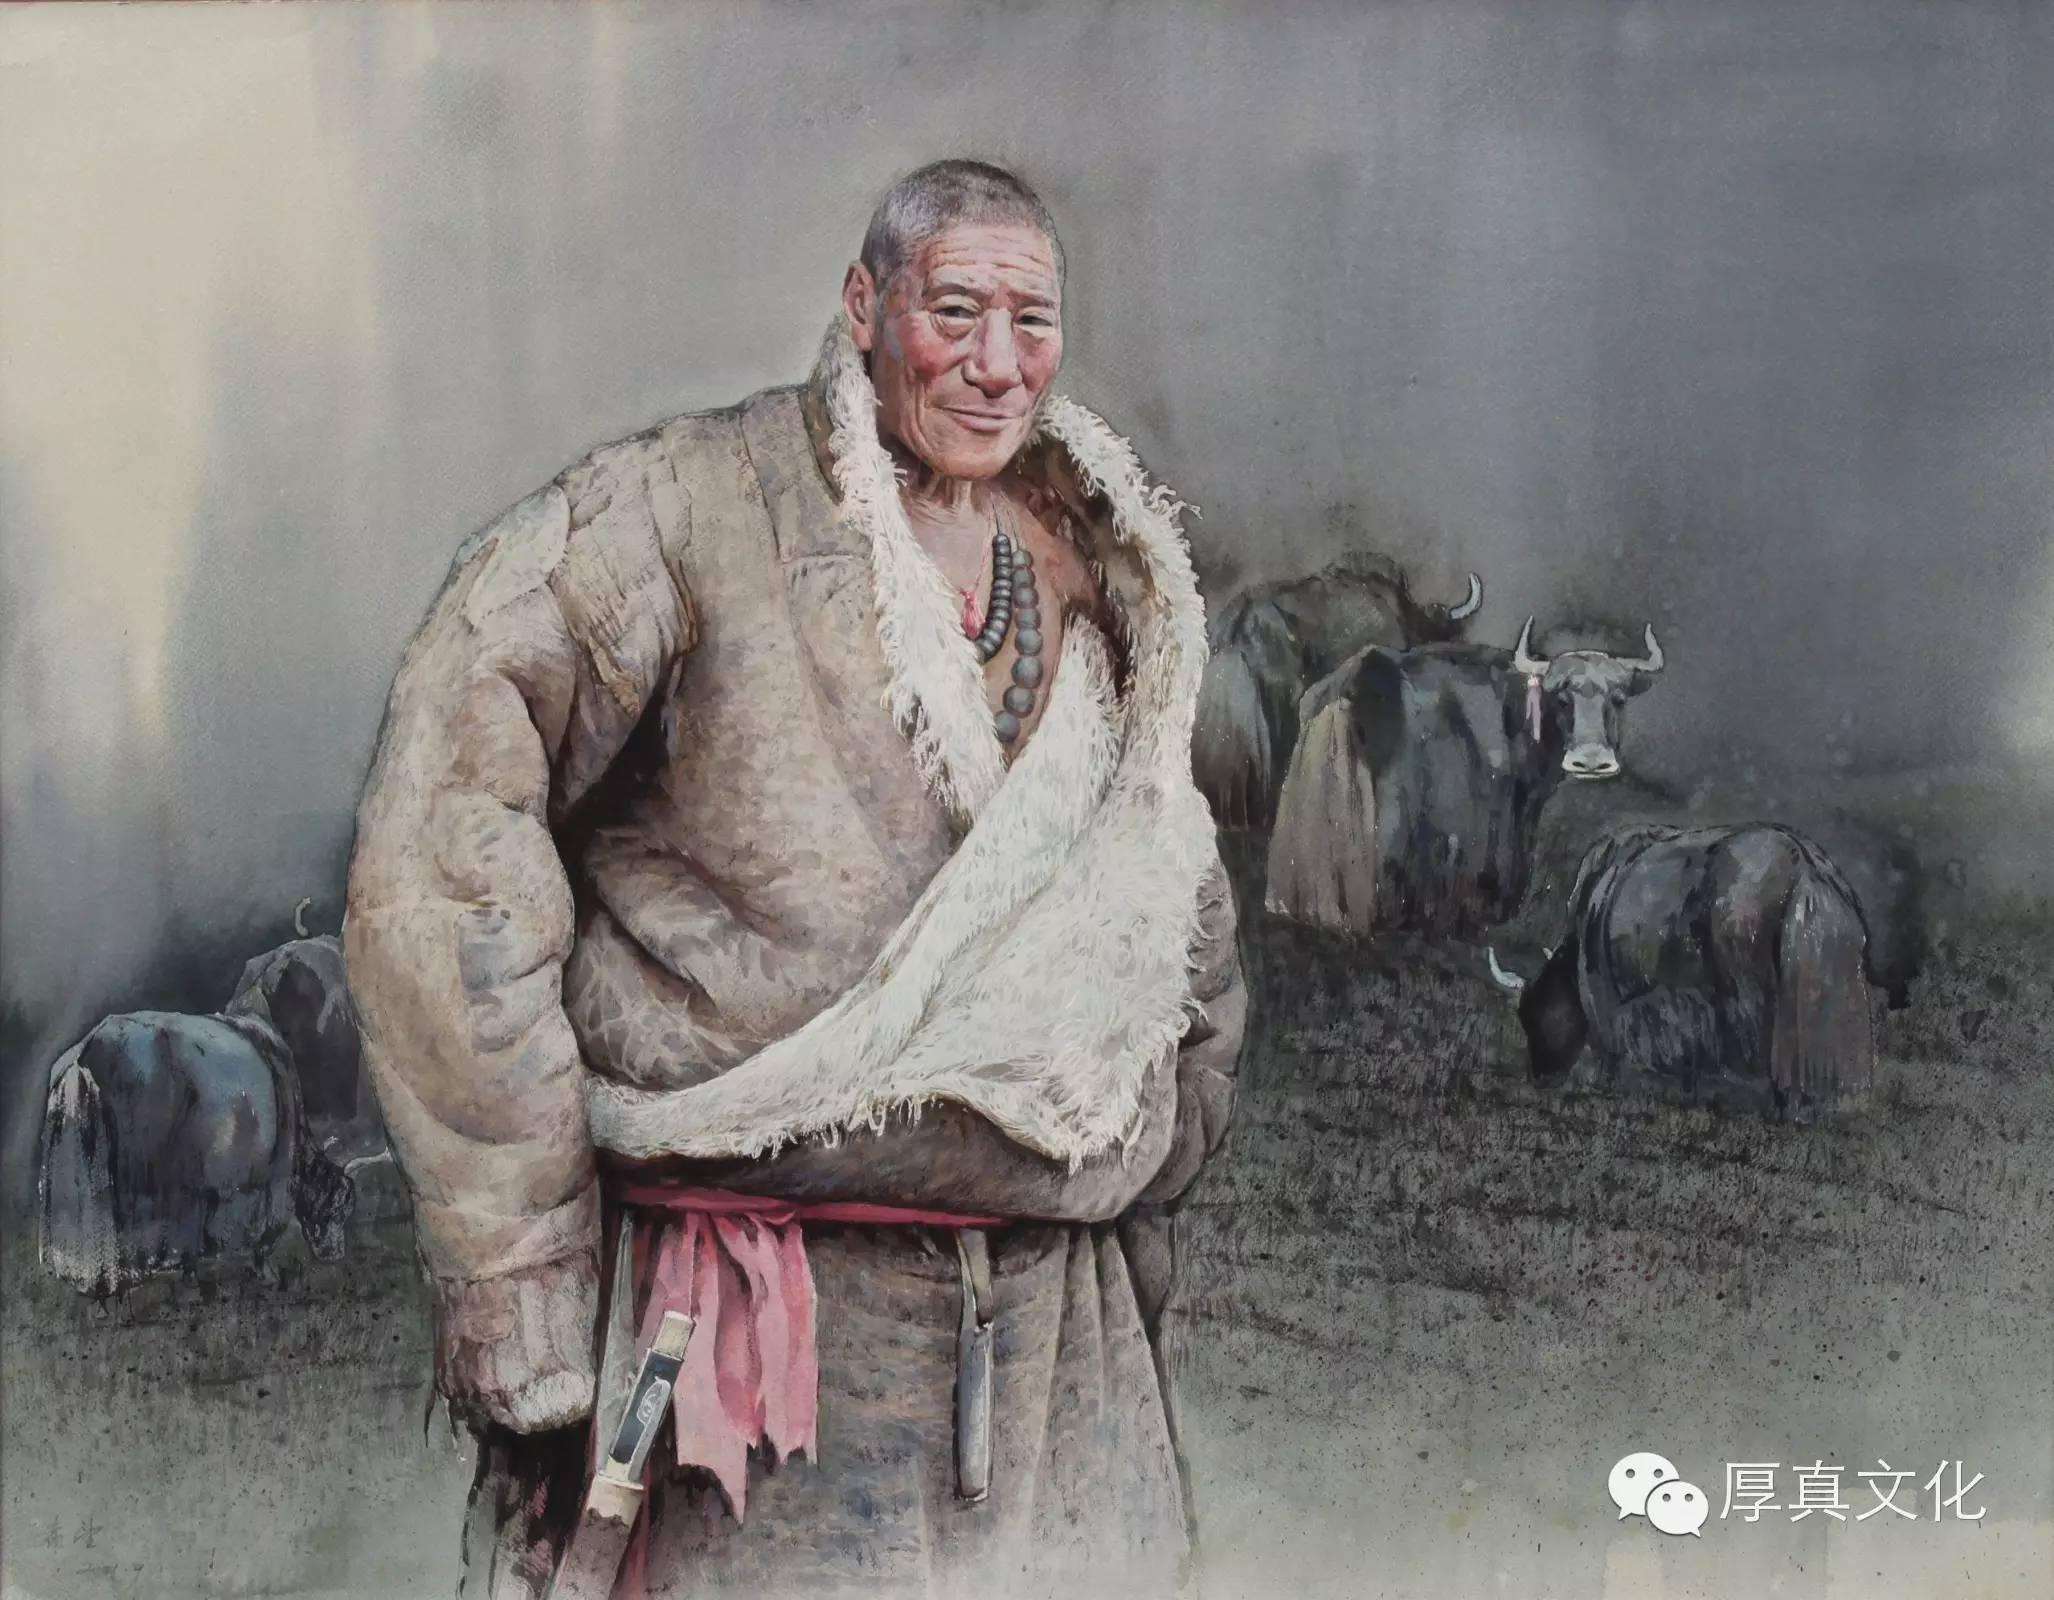 【蒙古人】美术家——云希望 第4张 【蒙古人】美术家——云希望 蒙古画廊